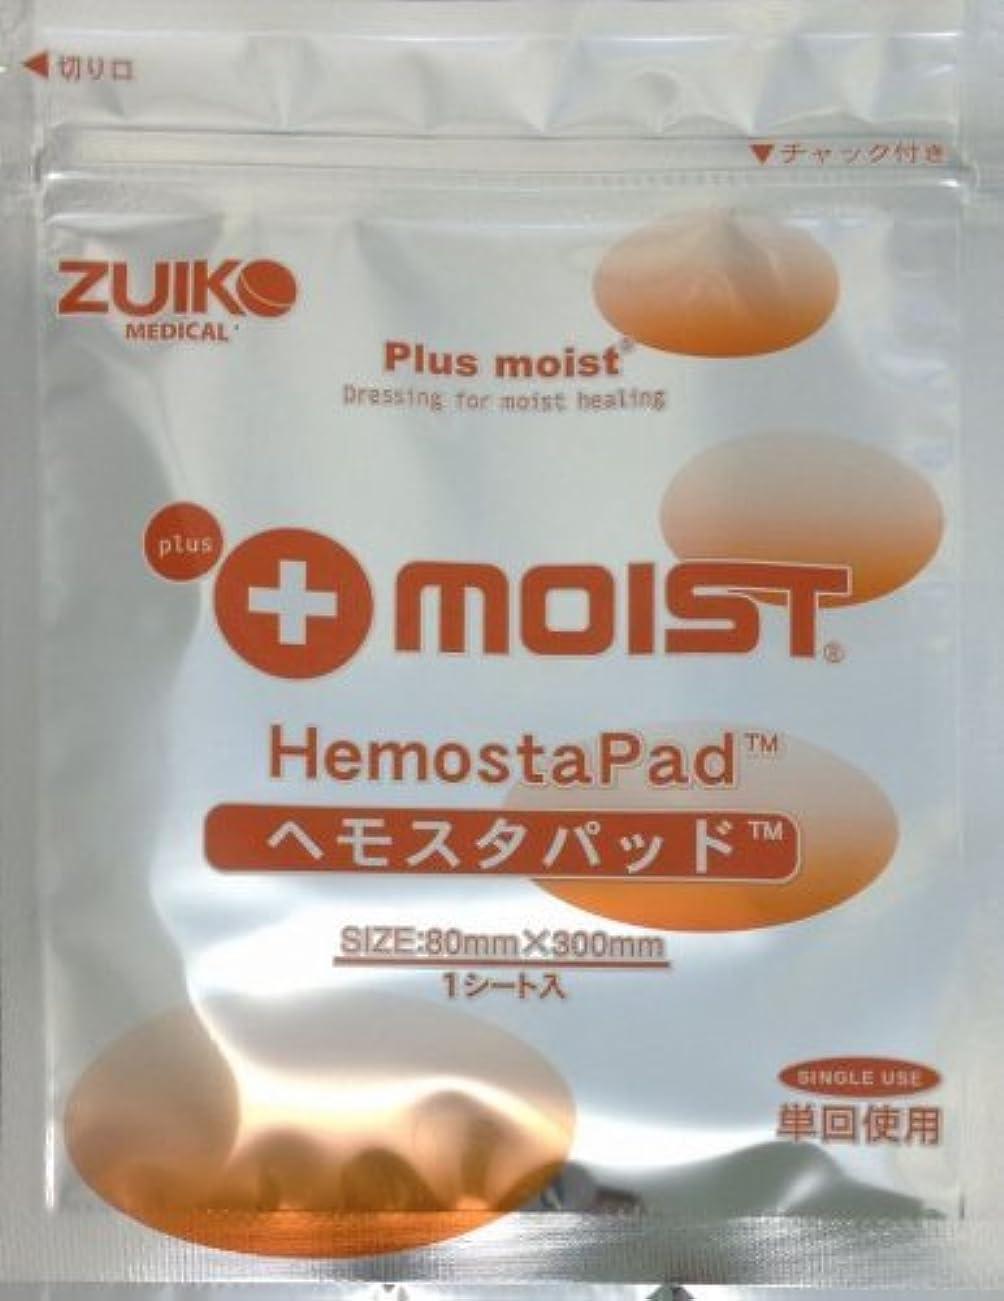 竜巻委員会適合するプラスモイスト ヘモスタパッド HSA7I